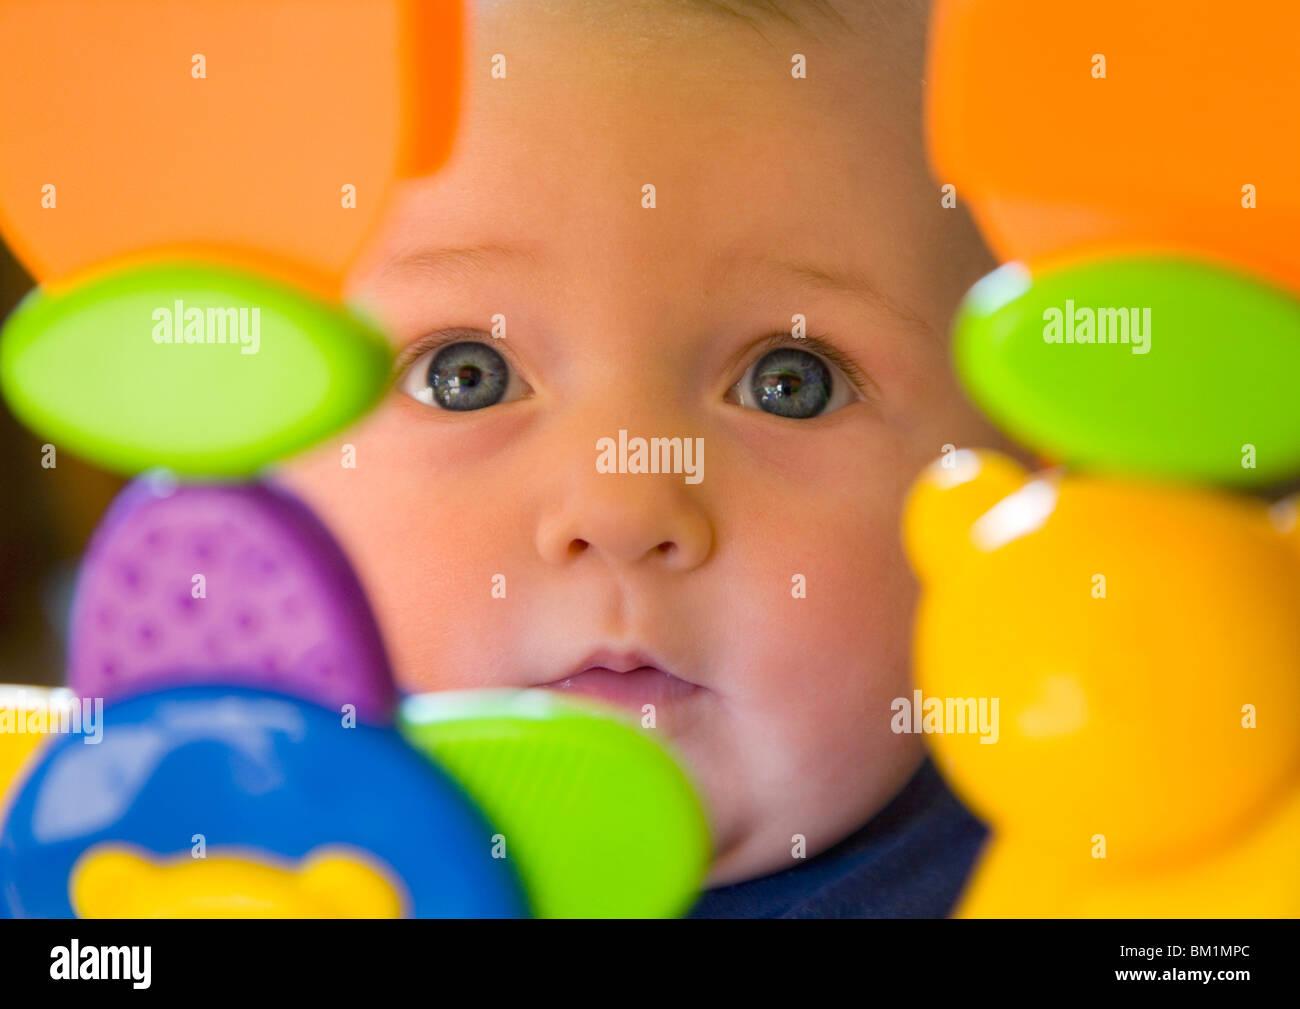 Bambina di 6 mesi per bimbi con gli occhi blu guardando attraverso dei giocattoli di plastica Immagini Stock